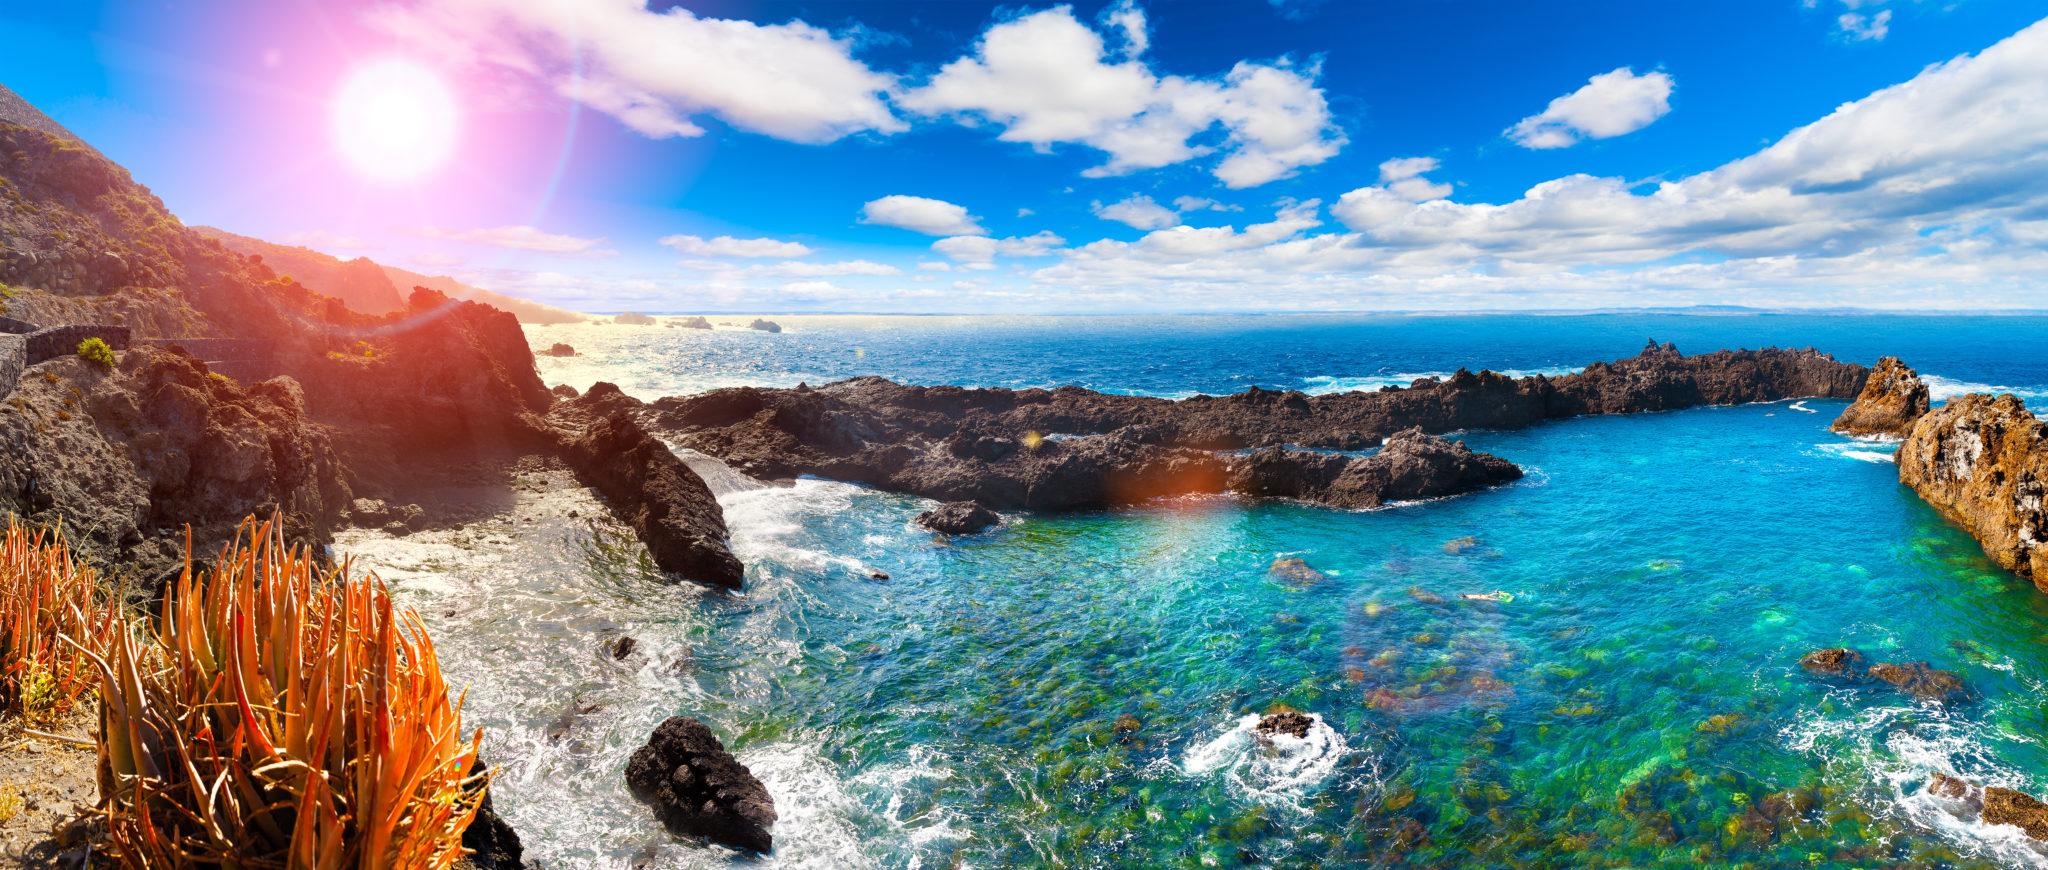 Tolla Landschaften und Buchten auf Teneriffa